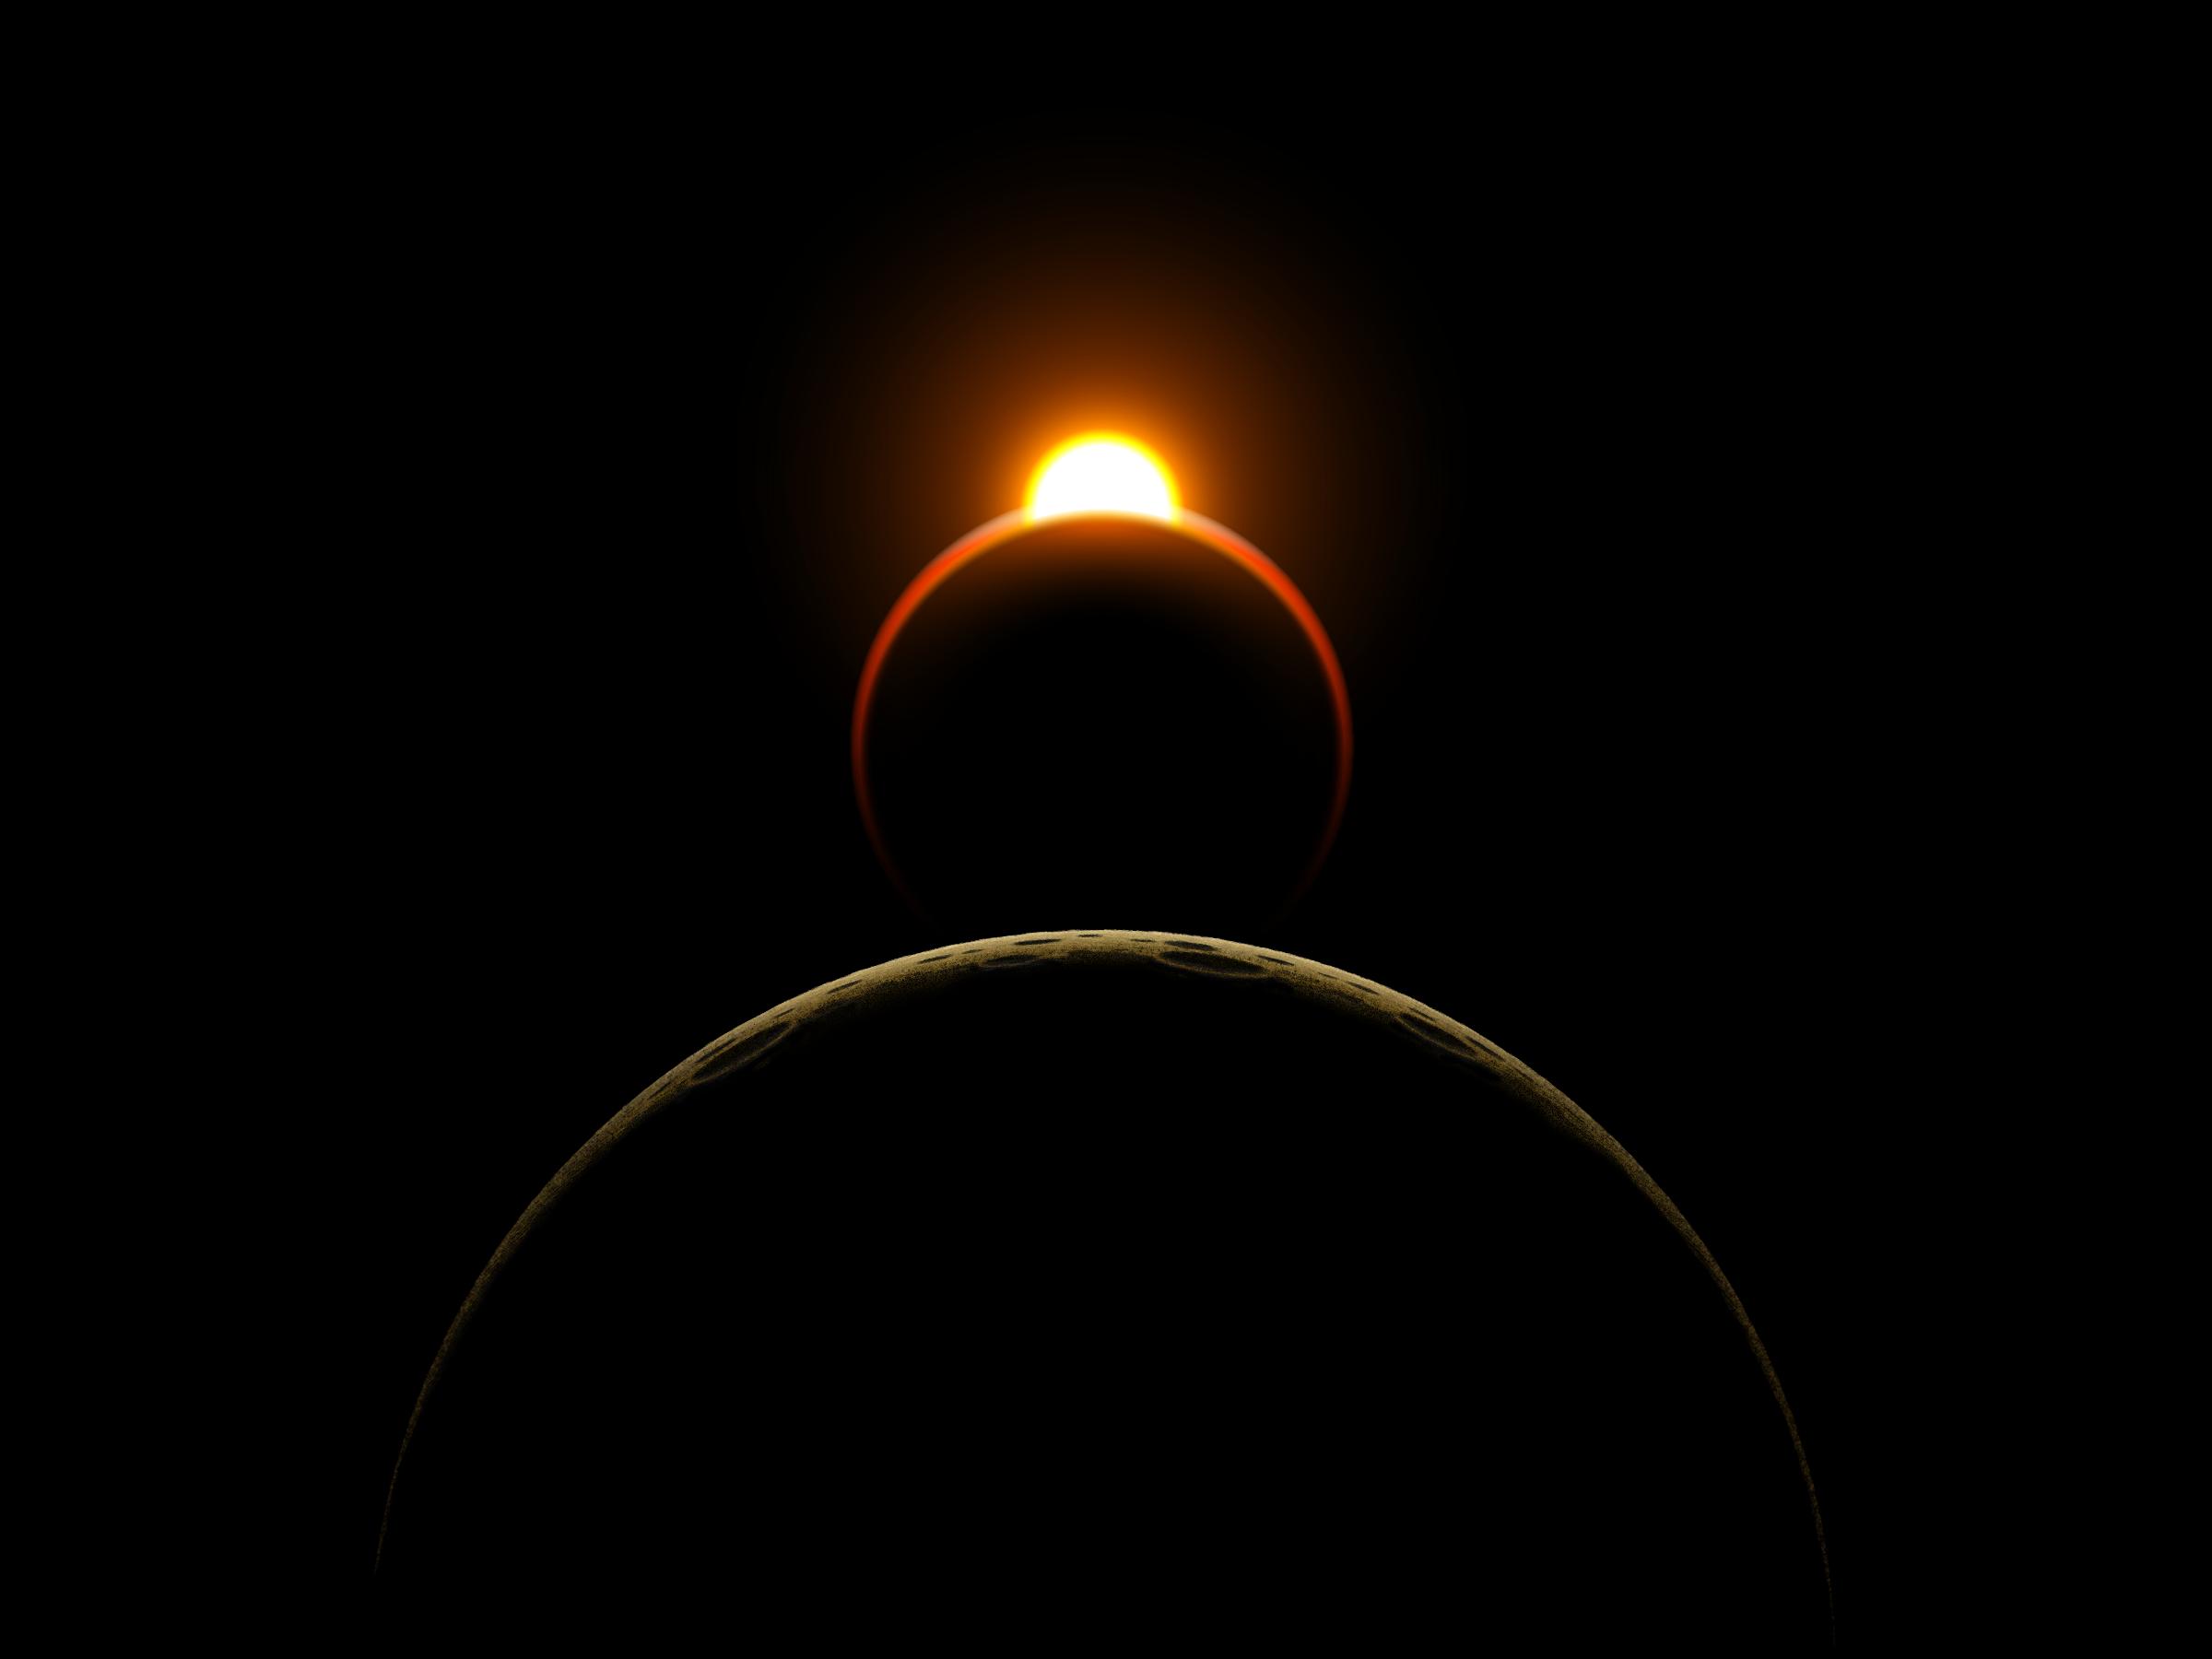 PNG Sunrise - 59445